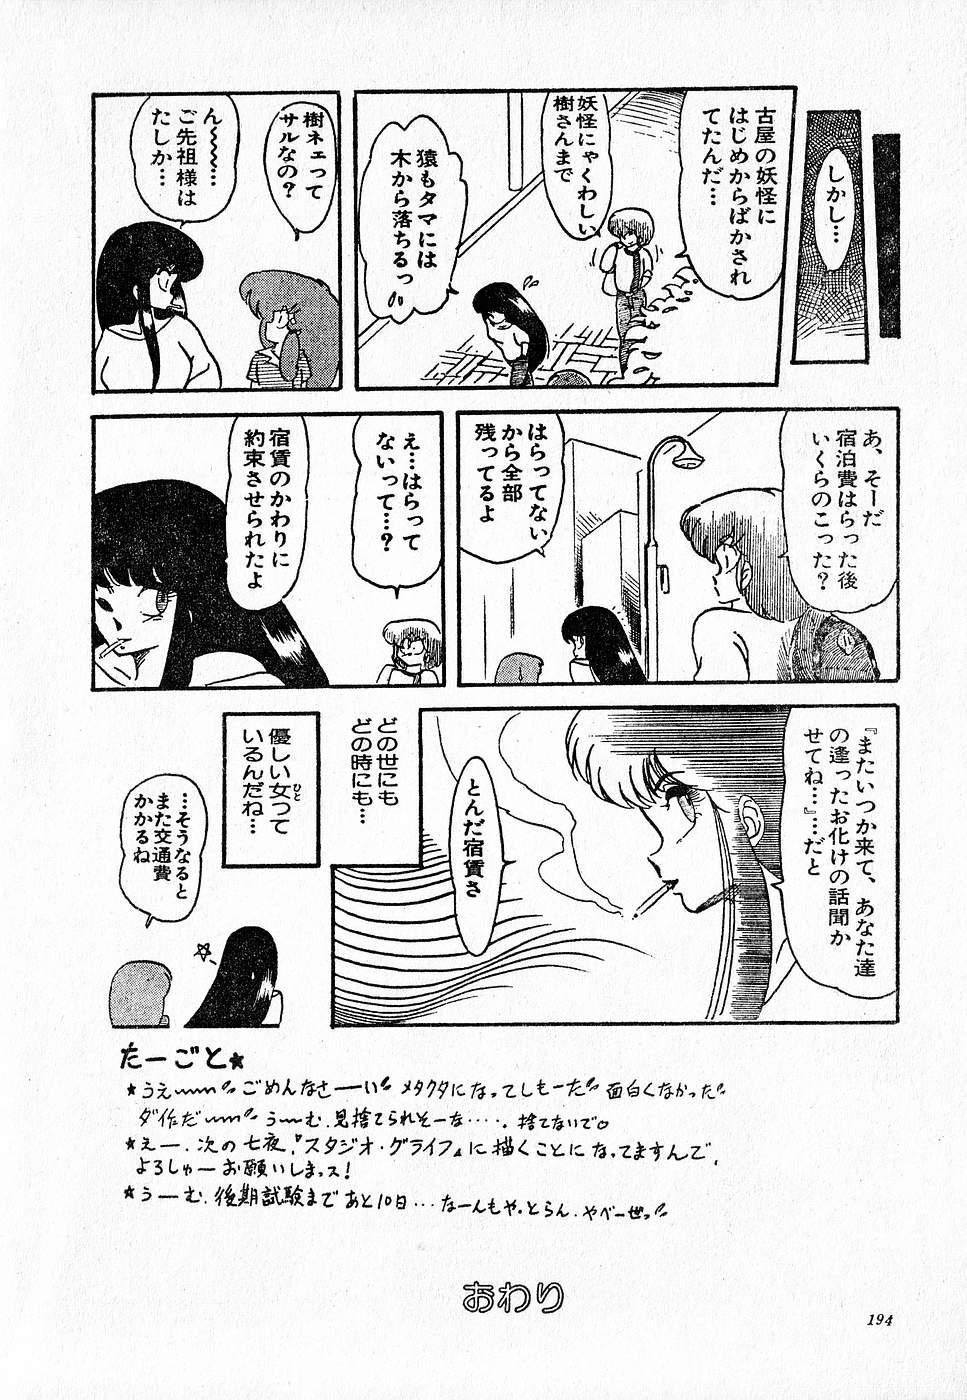 COMIC Lolipop 1985-10 Soukanjunbigou Aki 193